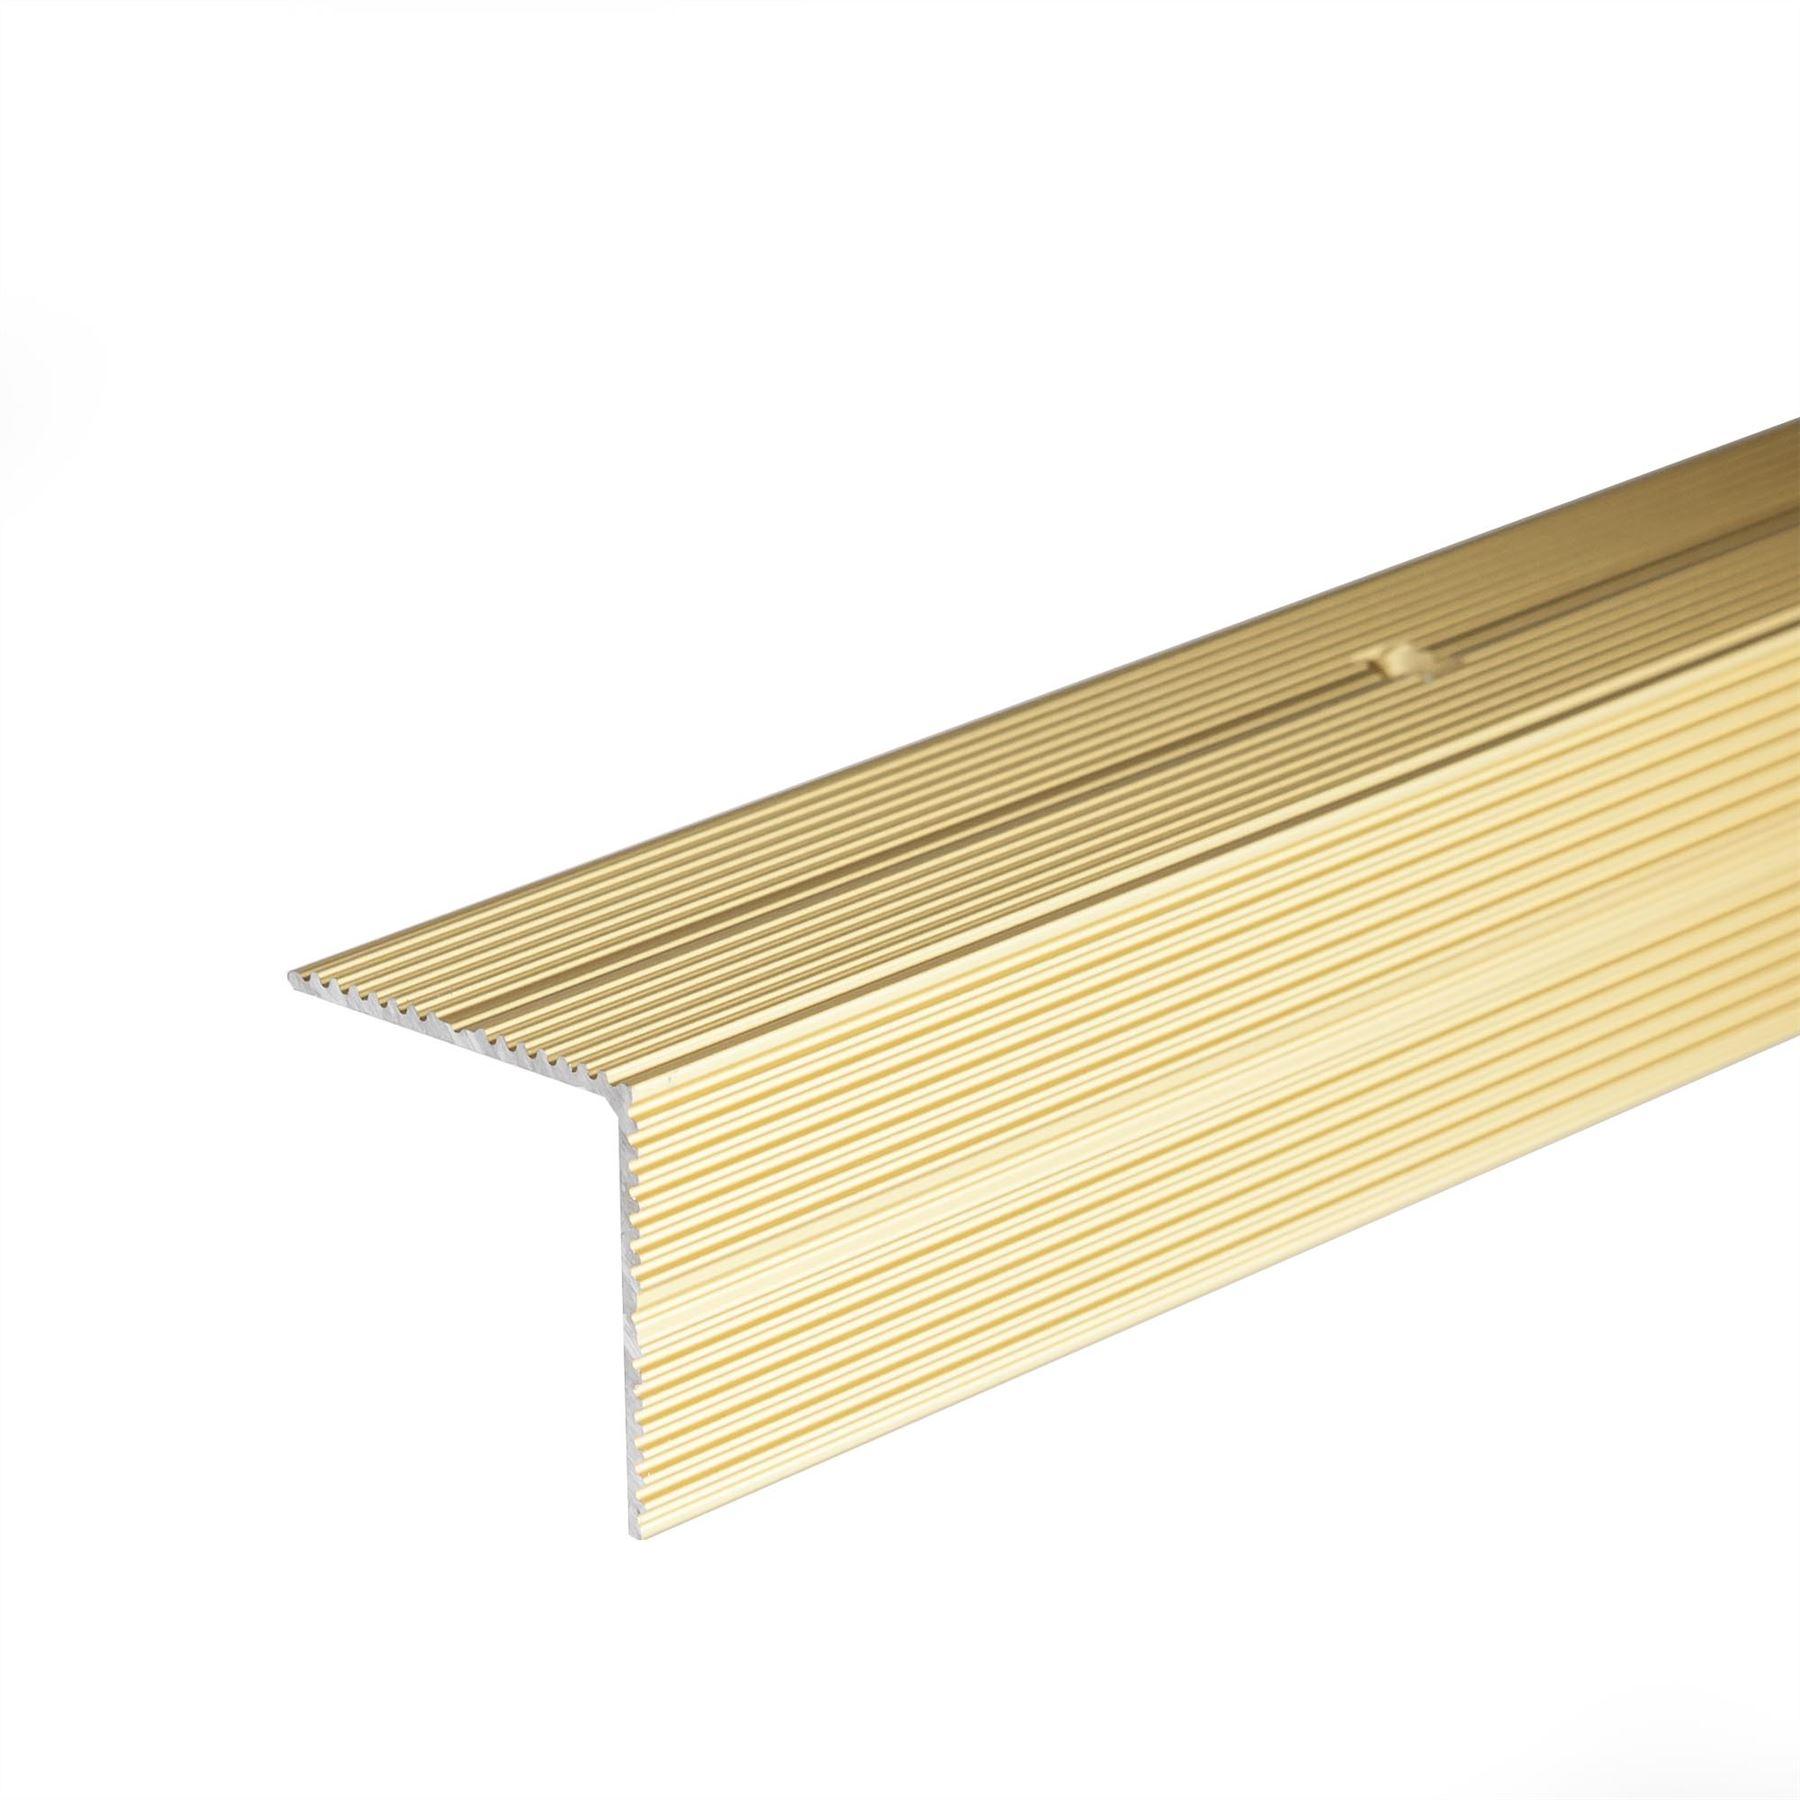 Anodised Aluminium Anti Non Slip Stair Edge Nosing Trim